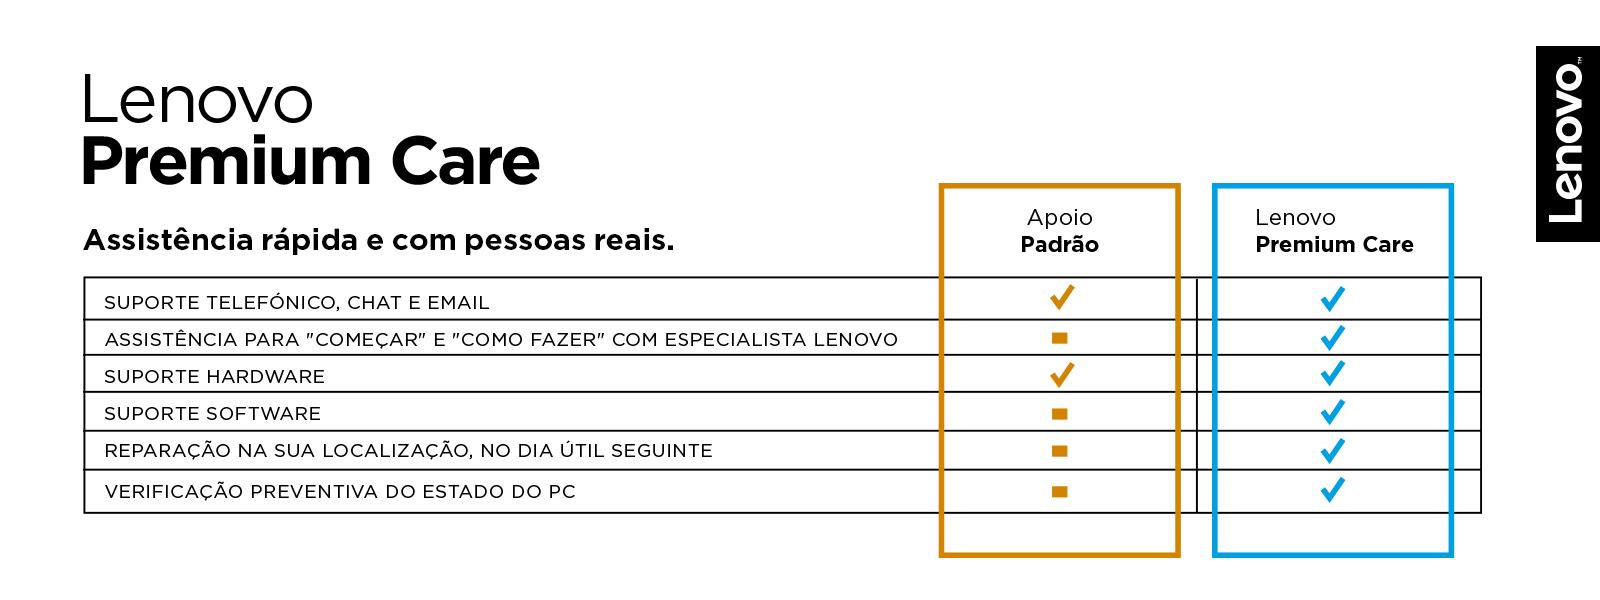 Lenovo Premium Care